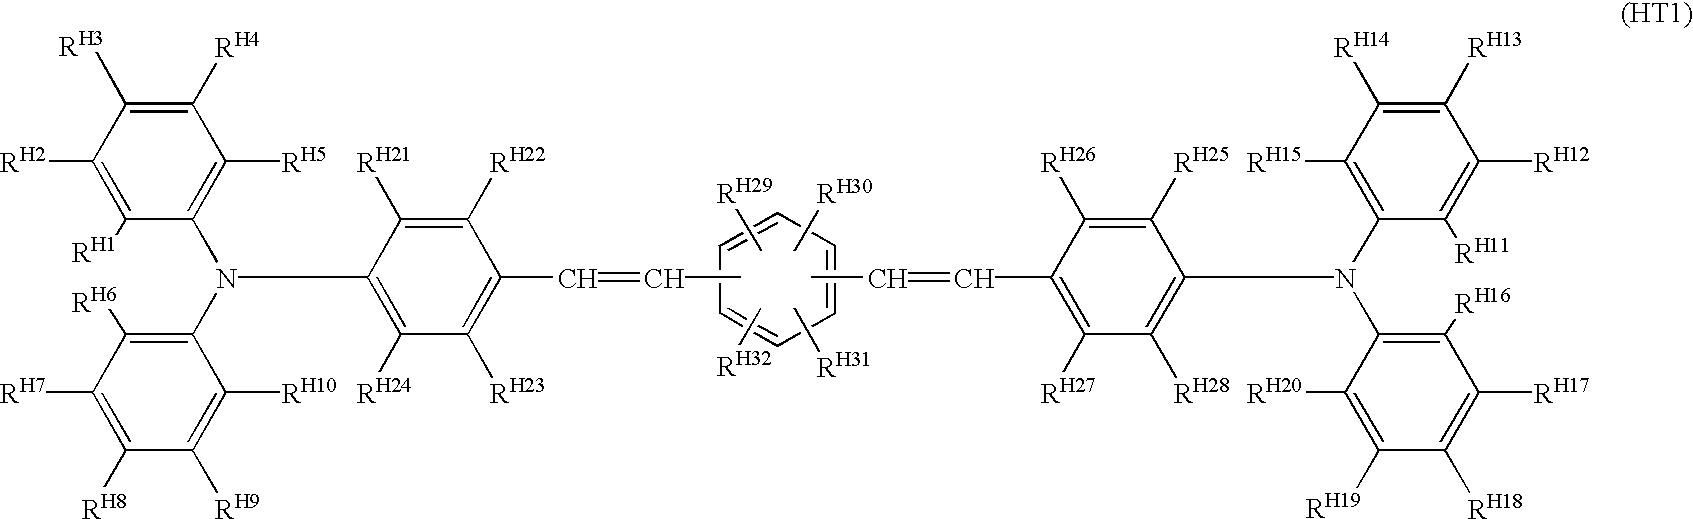 Figure US06485873-20021126-C00133